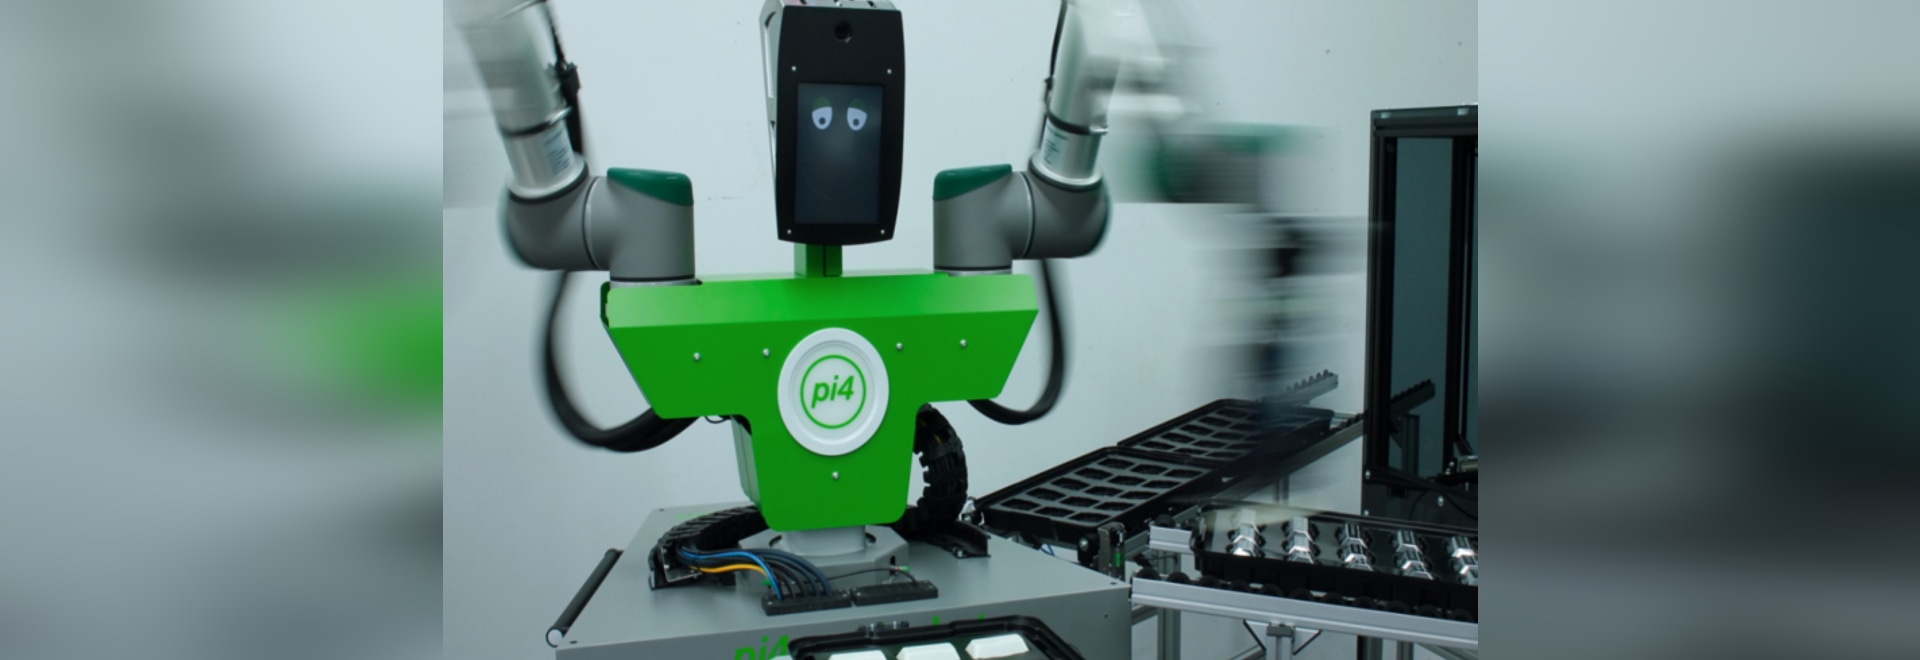 Pi4 und das erste Stellenvermittlungsbüro für Roboter